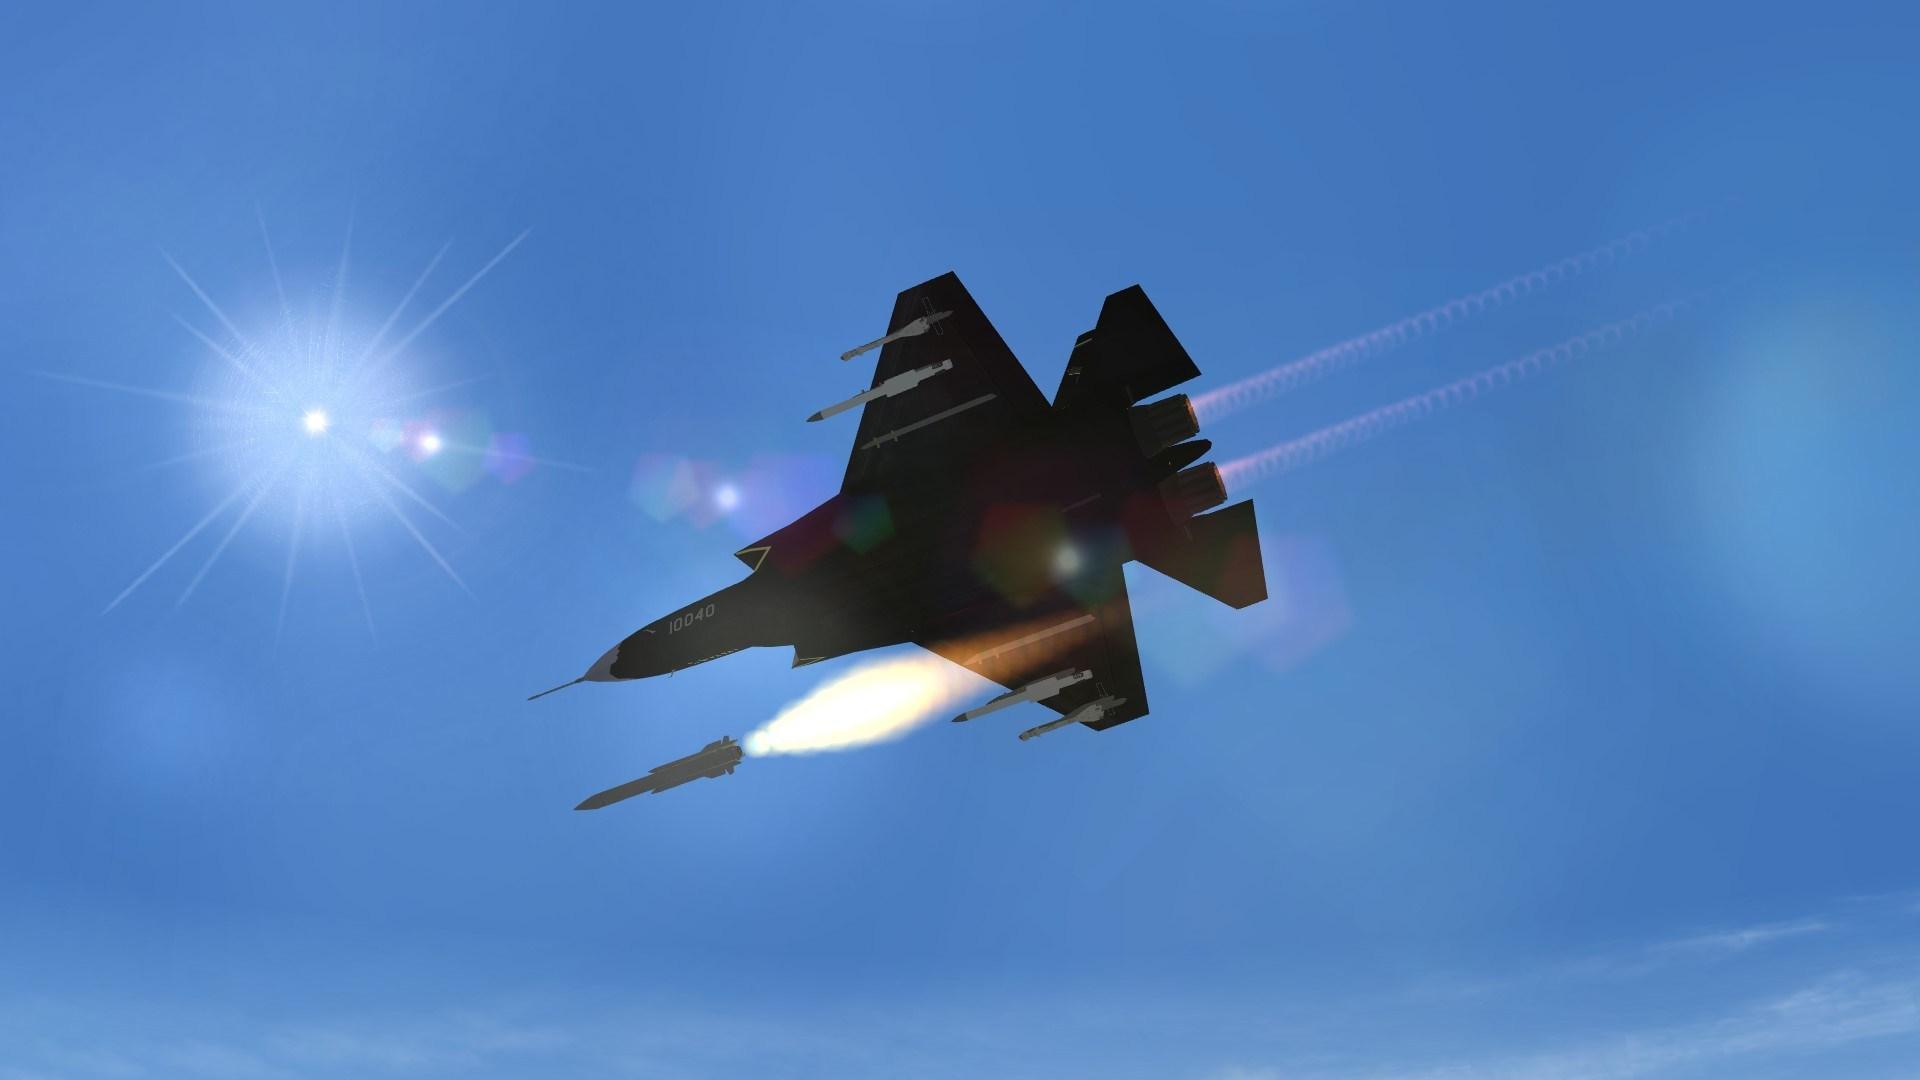 J-31 (Bandidos) For SF2?